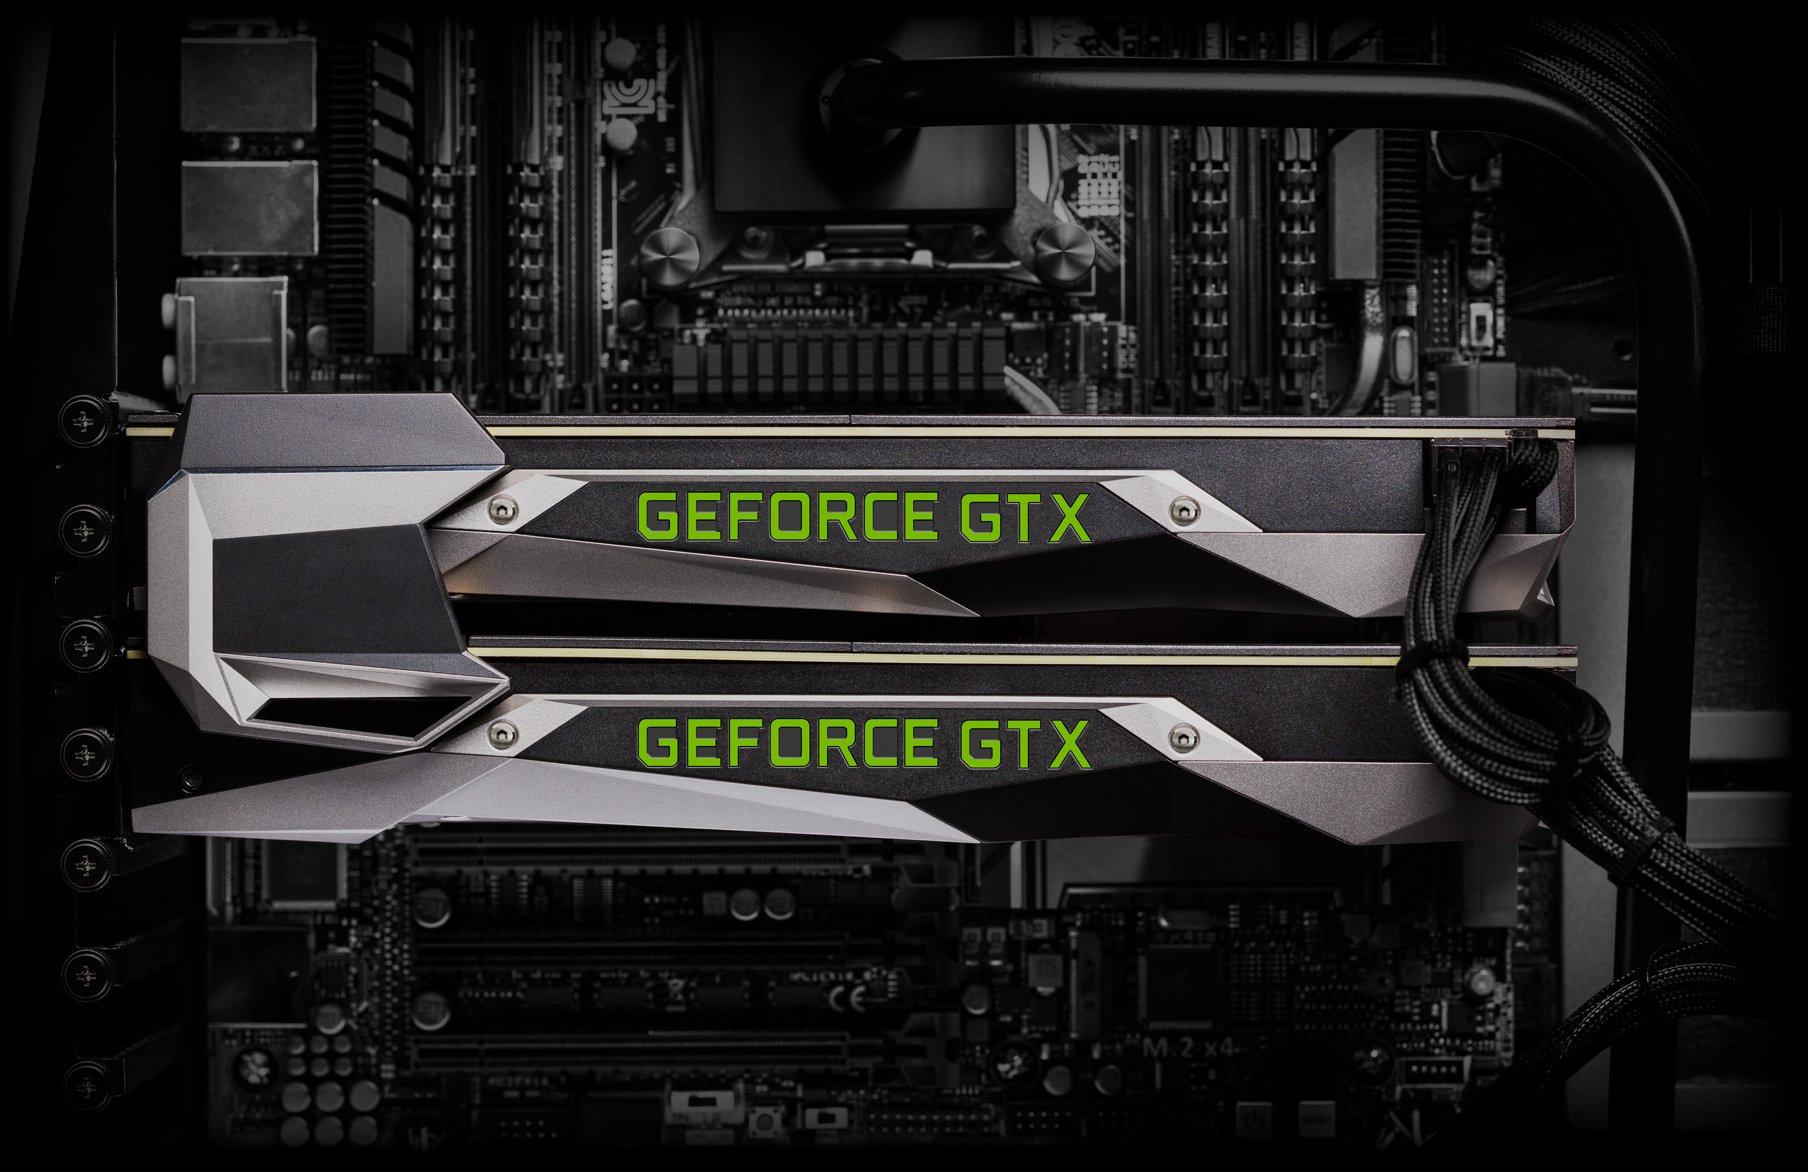 Анонс видеокарты GeForce GTX 1050 состоится вконце октября